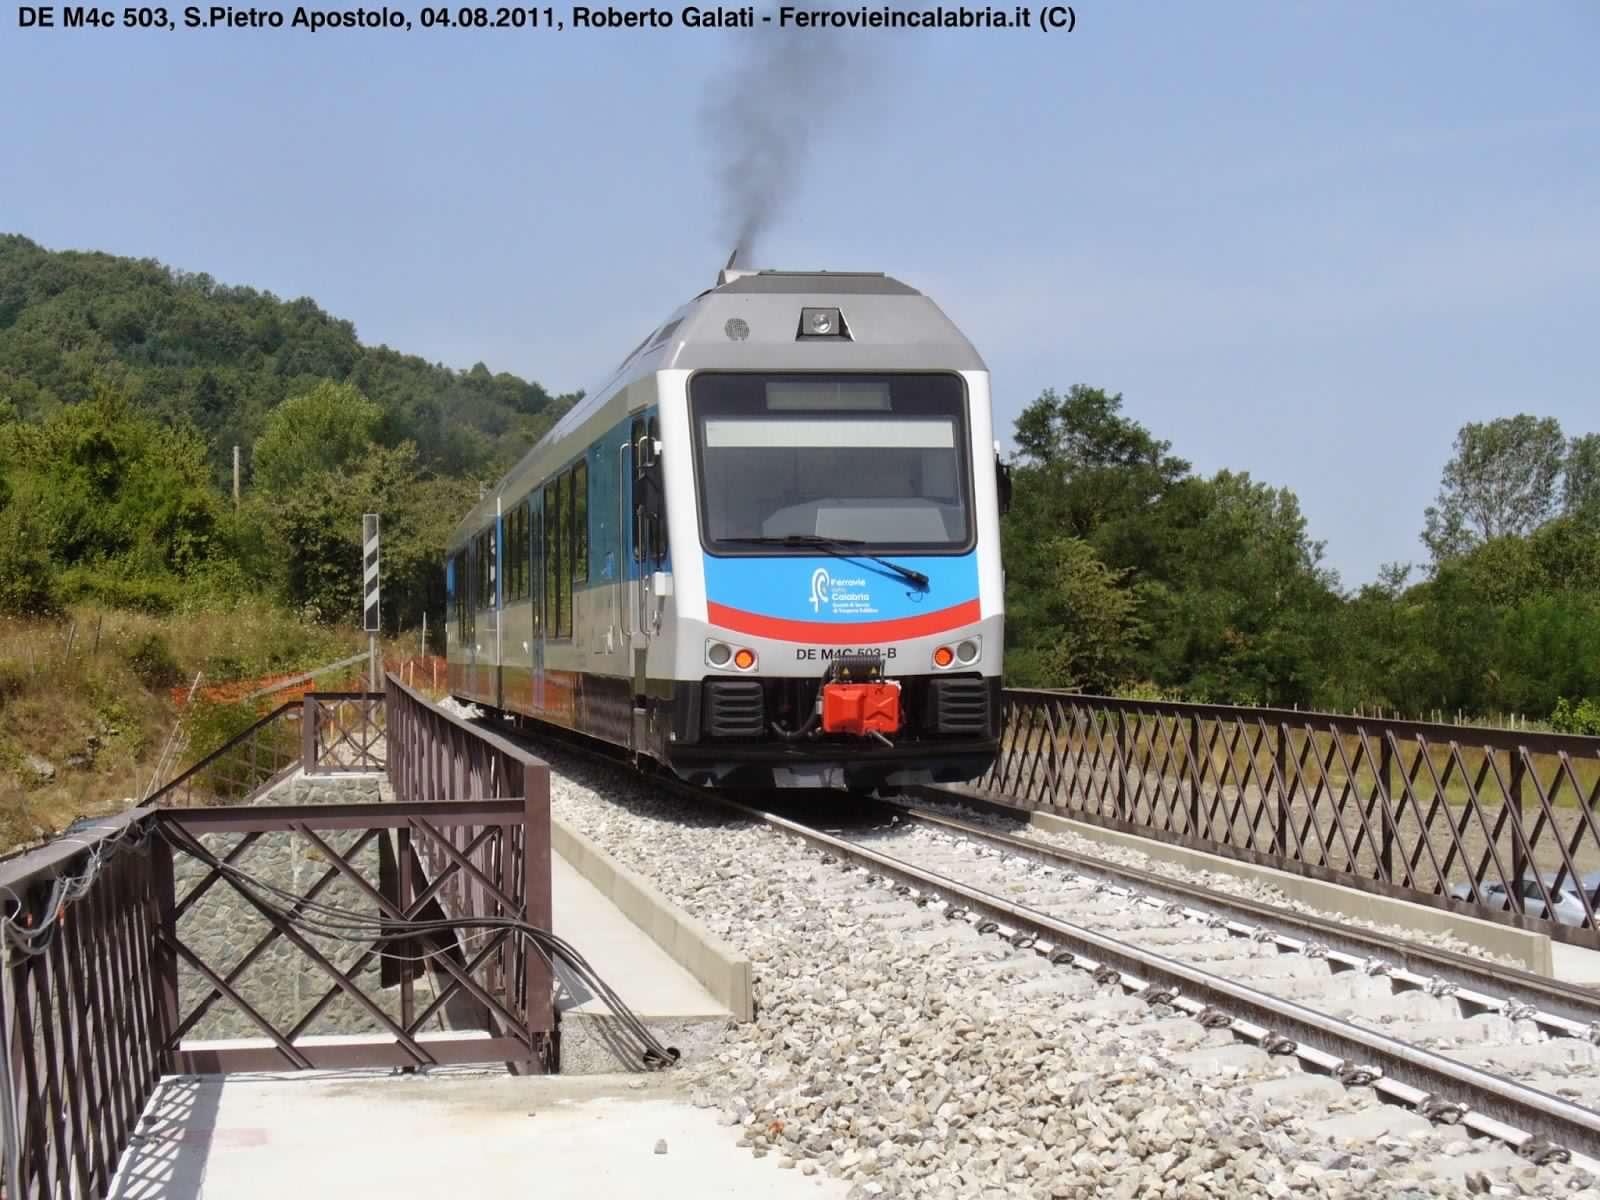 FdC-DEM4c 503-treno inaugurale ponte A.Chianello-SanPietroApostolo-2011-08-04-RobertoGalati 16